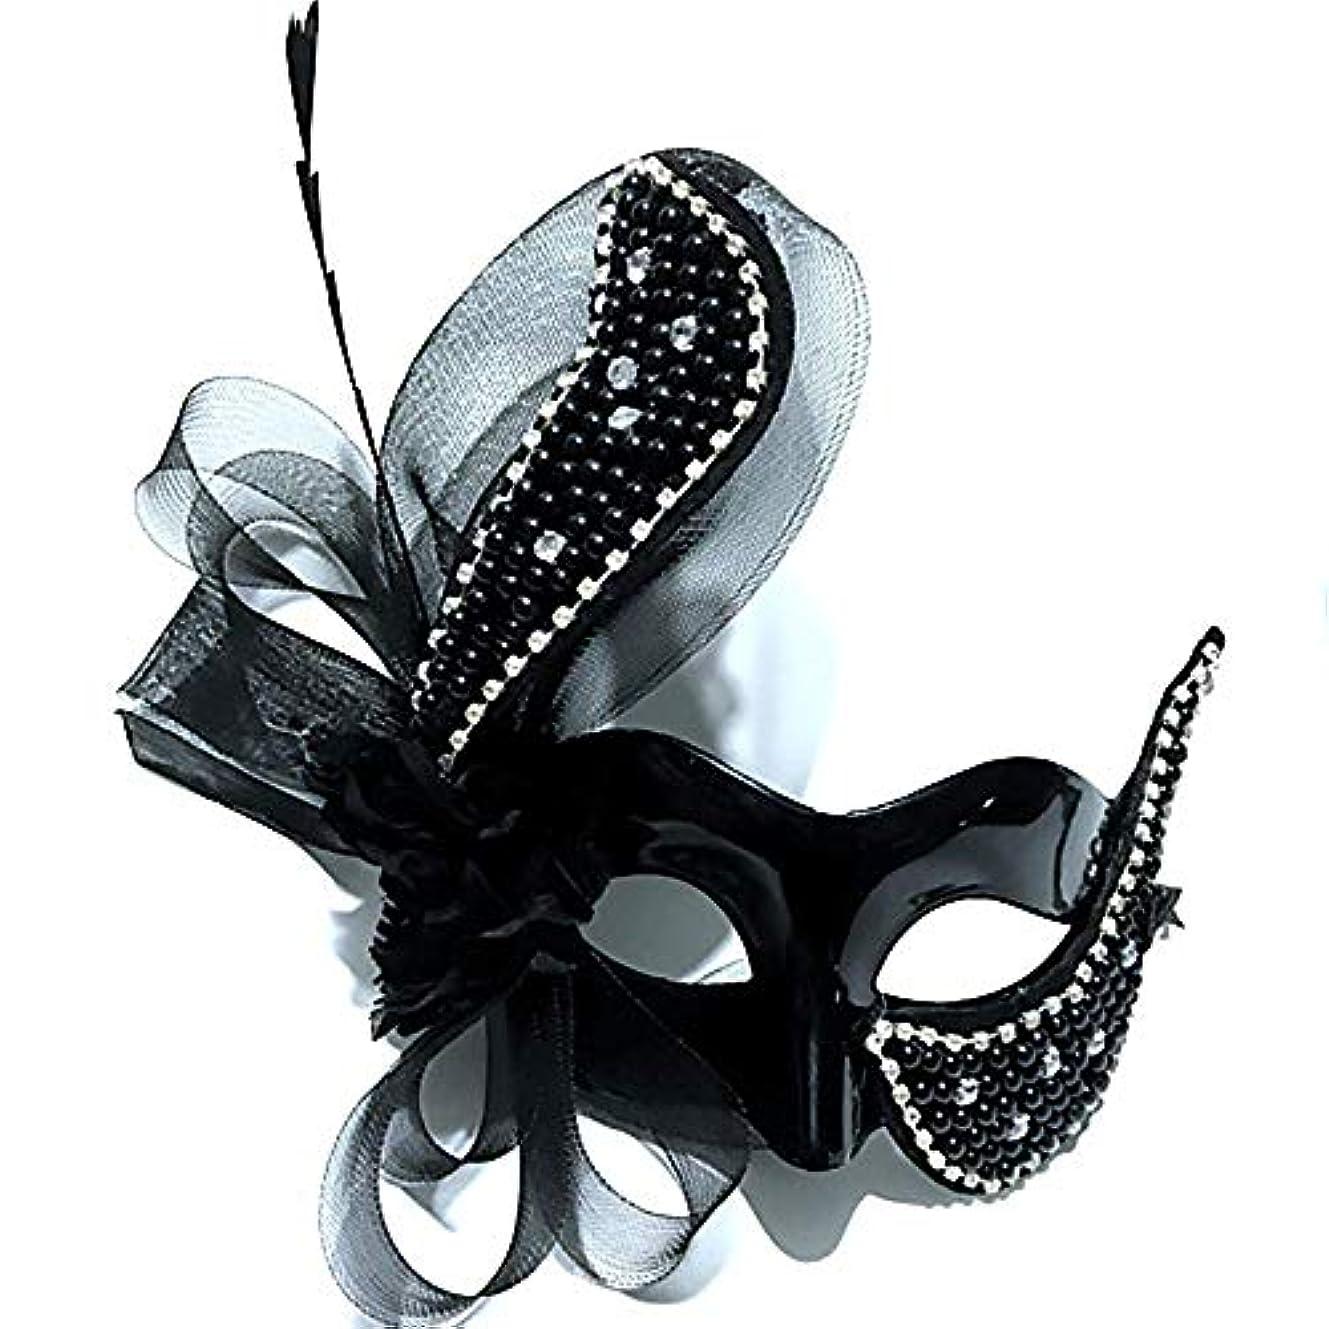 現実下読みやすさNanle ハロウィーンヴィンテージフェザーラインストーンマスク仮装マスクレディミスプリンセス美容祭パーティー装飾マスク